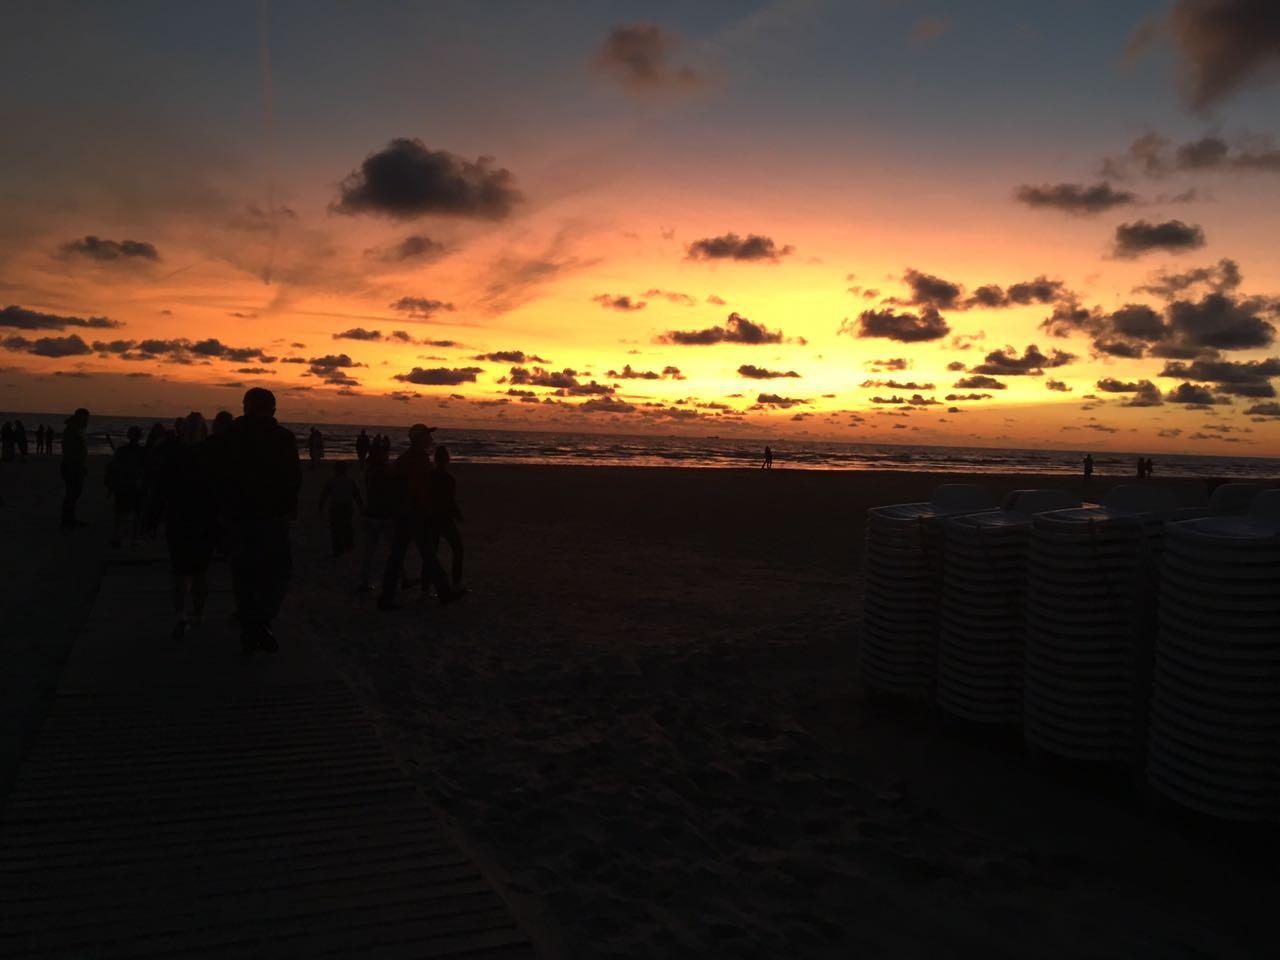 Sonnenuntergang am Strand von Liepaja